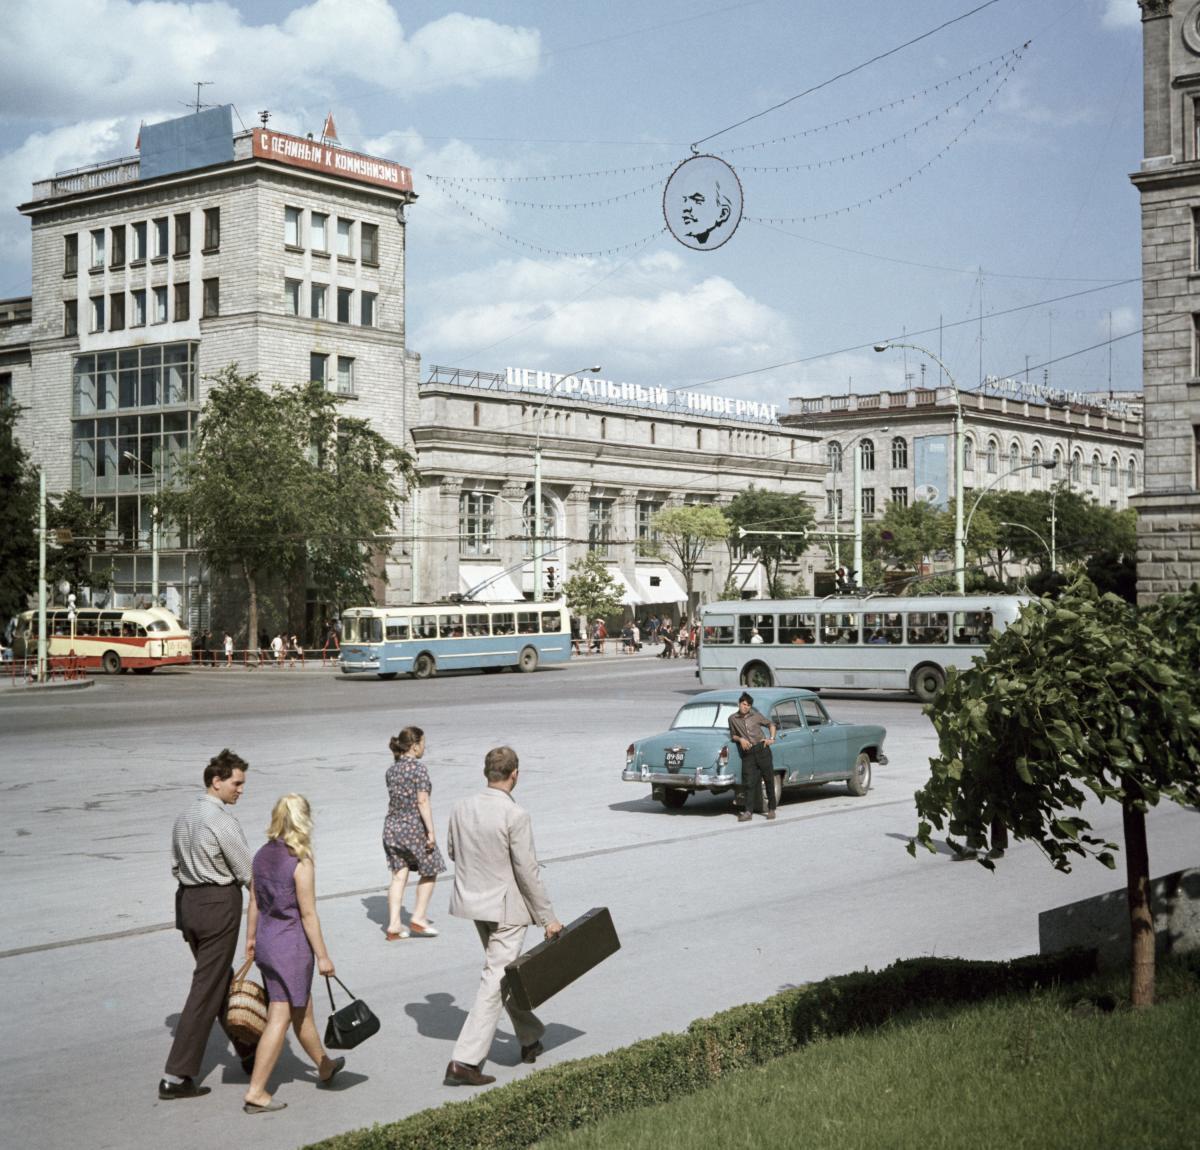 1970 Площадь Победы в Кишиневе Яков Берлинер Перекрёсток улиц Ленина и Пушкина.jpg